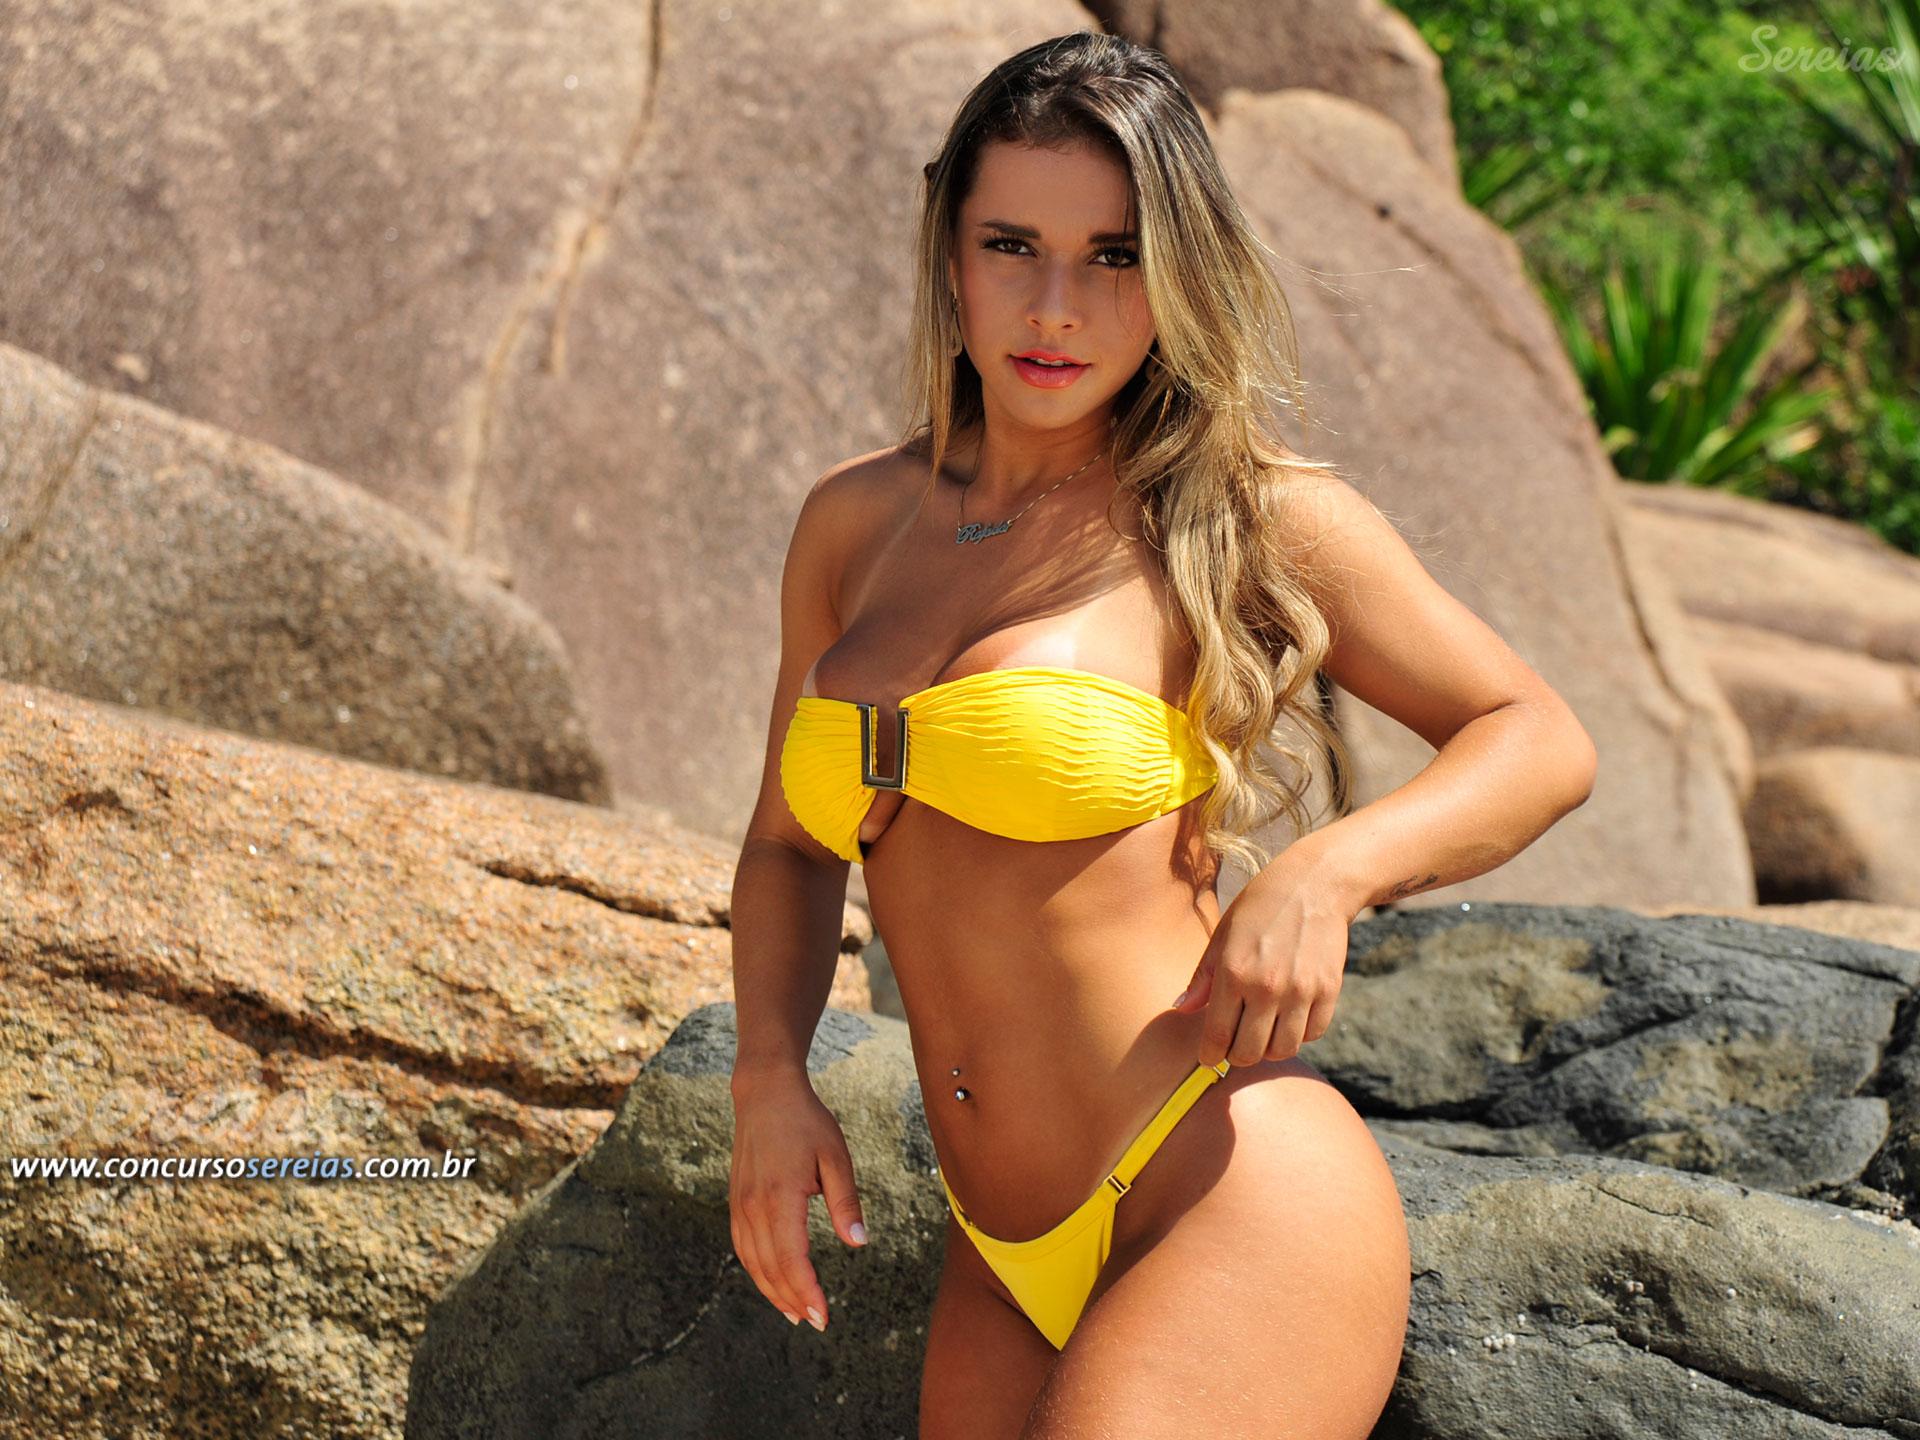 brasile��a